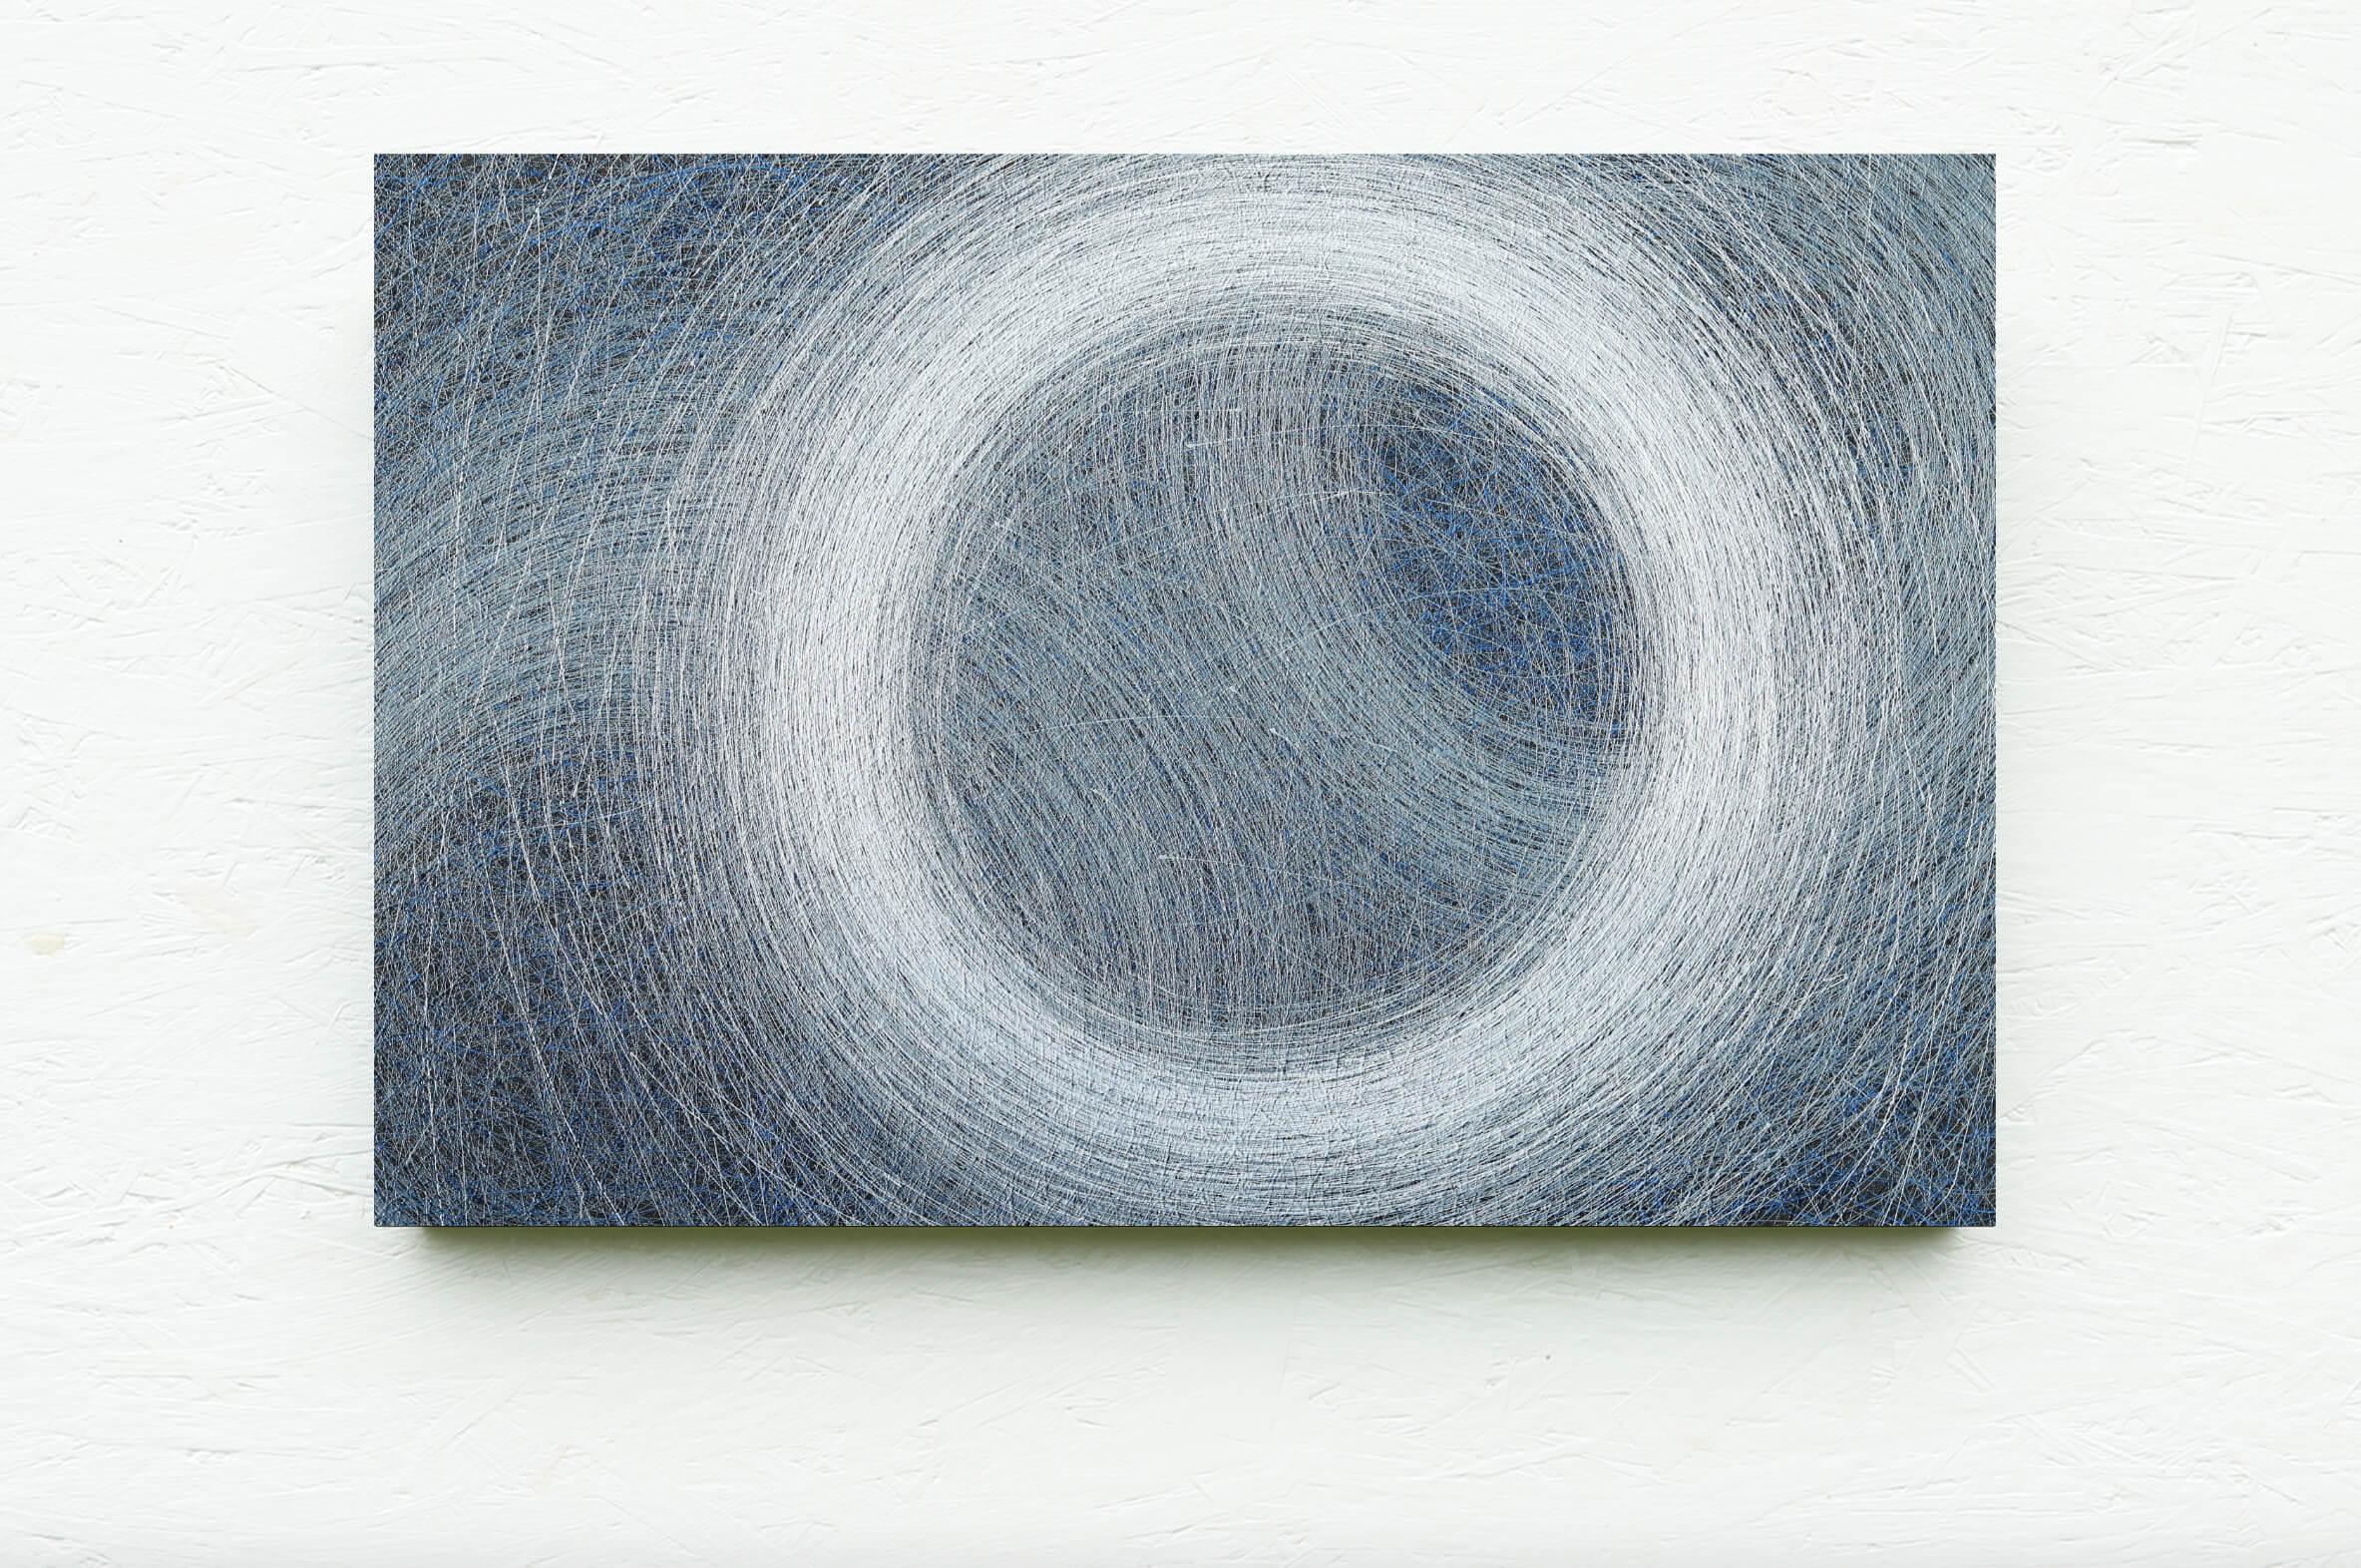 Genesis . 125 x 83 cm